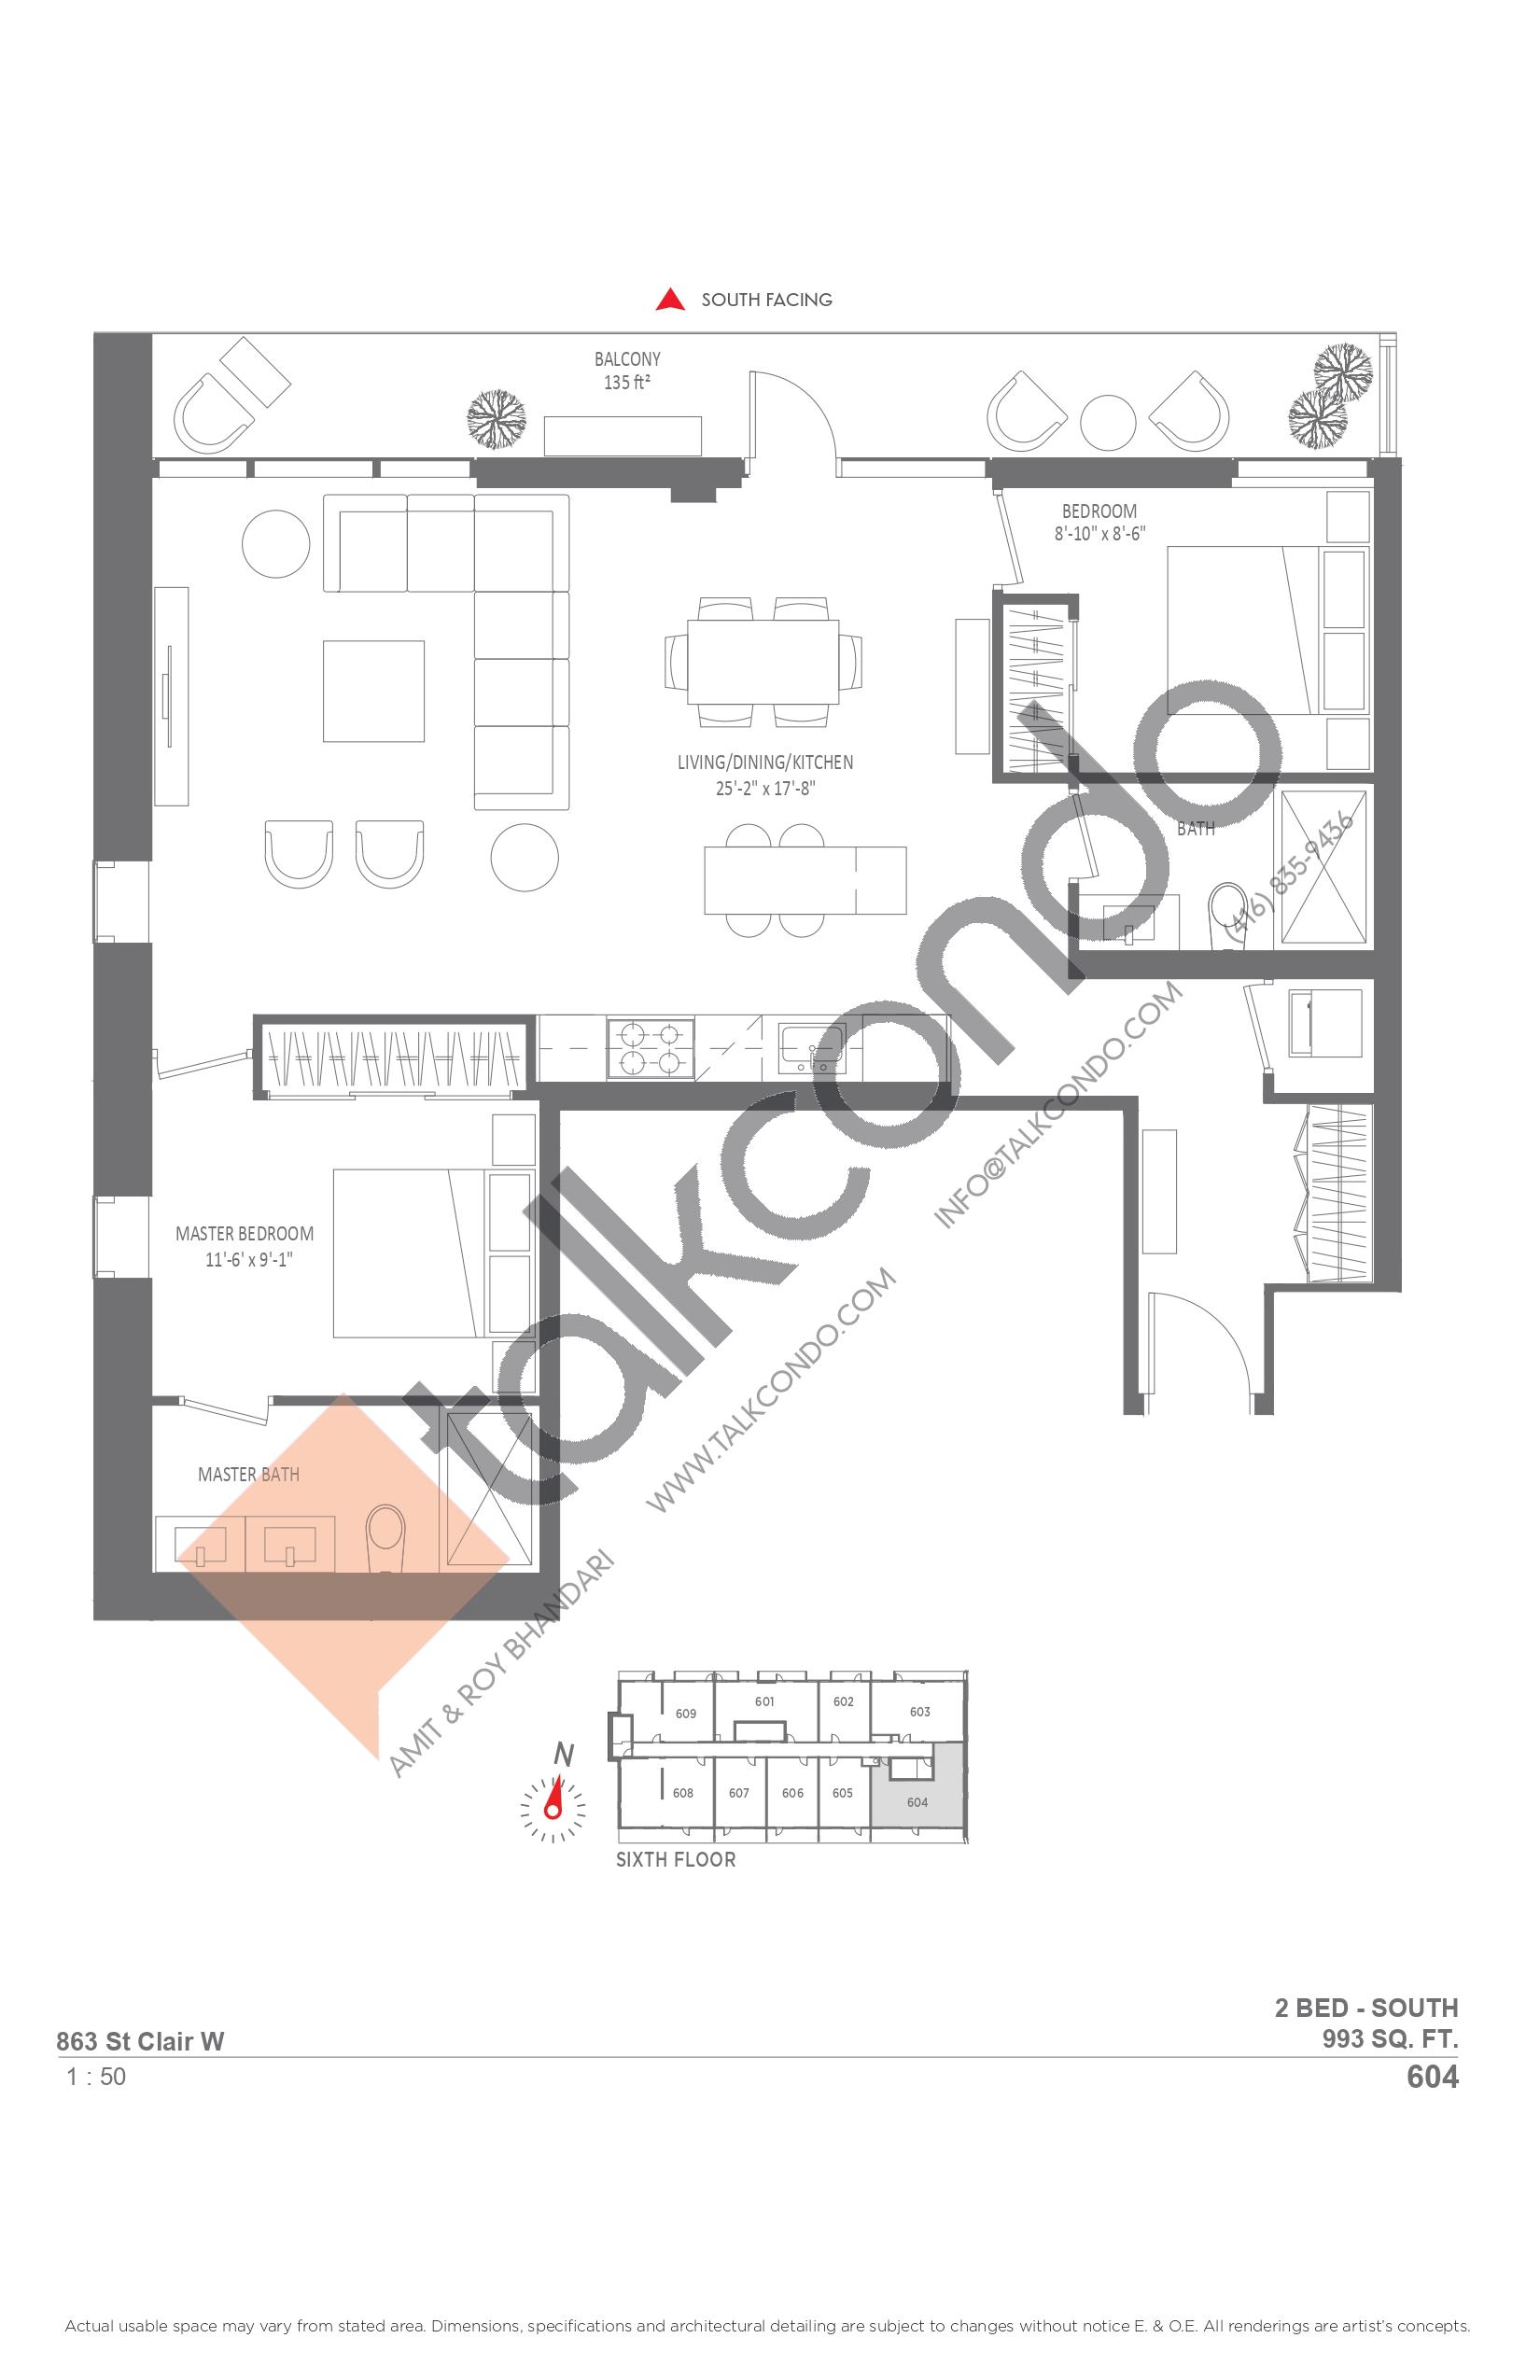 604 Floor Plan at Monza Condos - 993 sq.ft